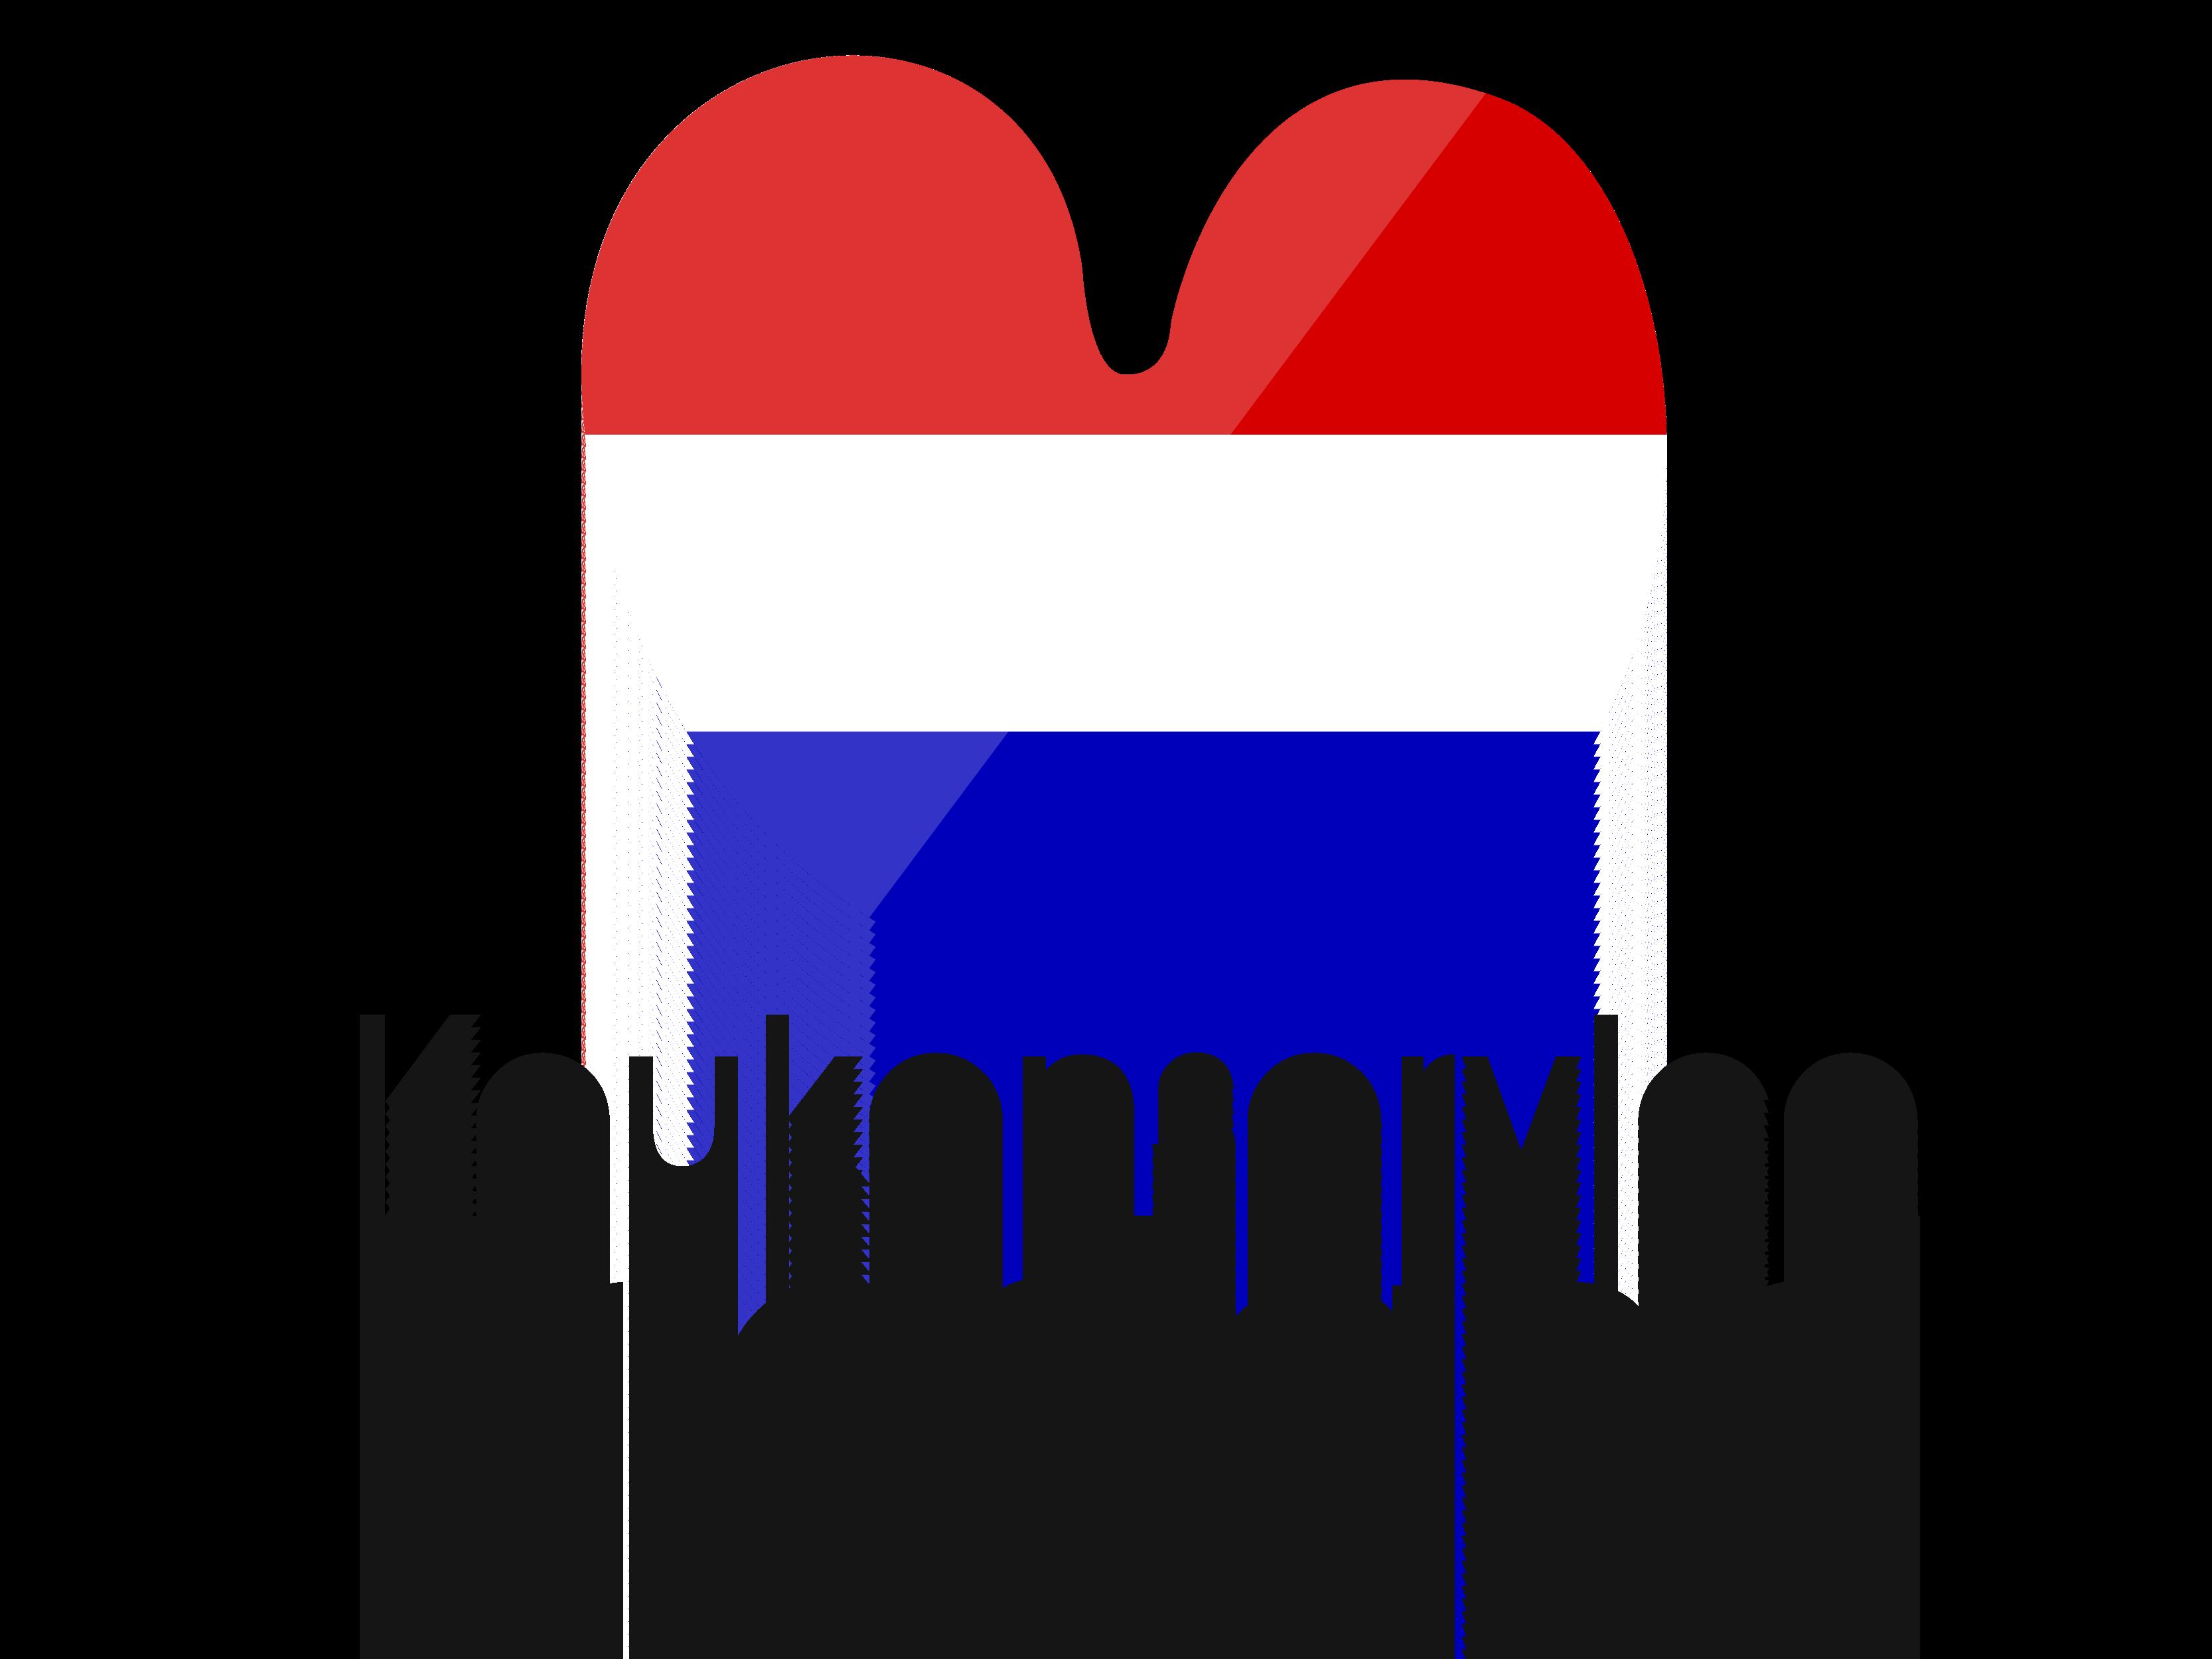 kok logo